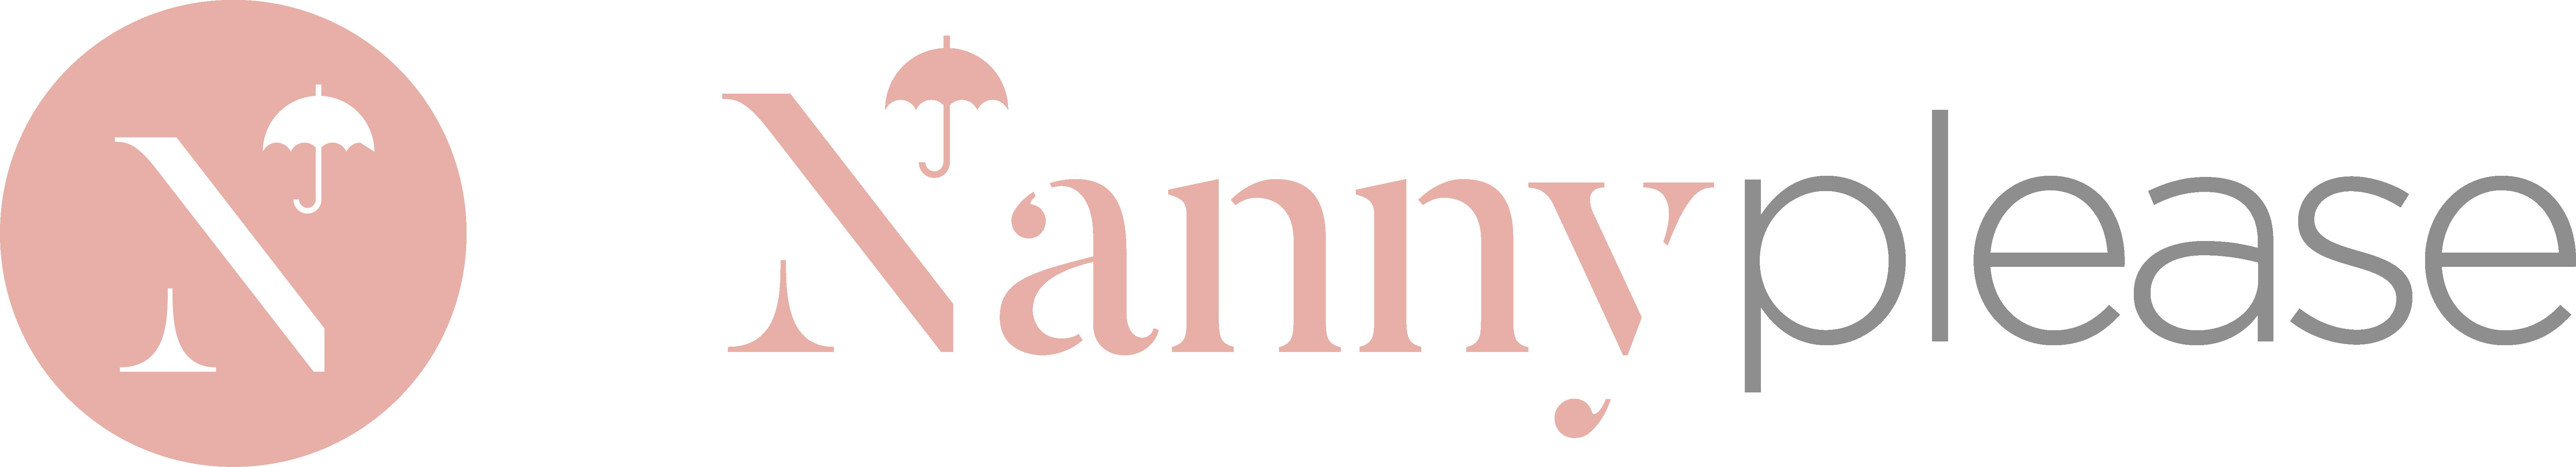 logo-nanny-round-1-1